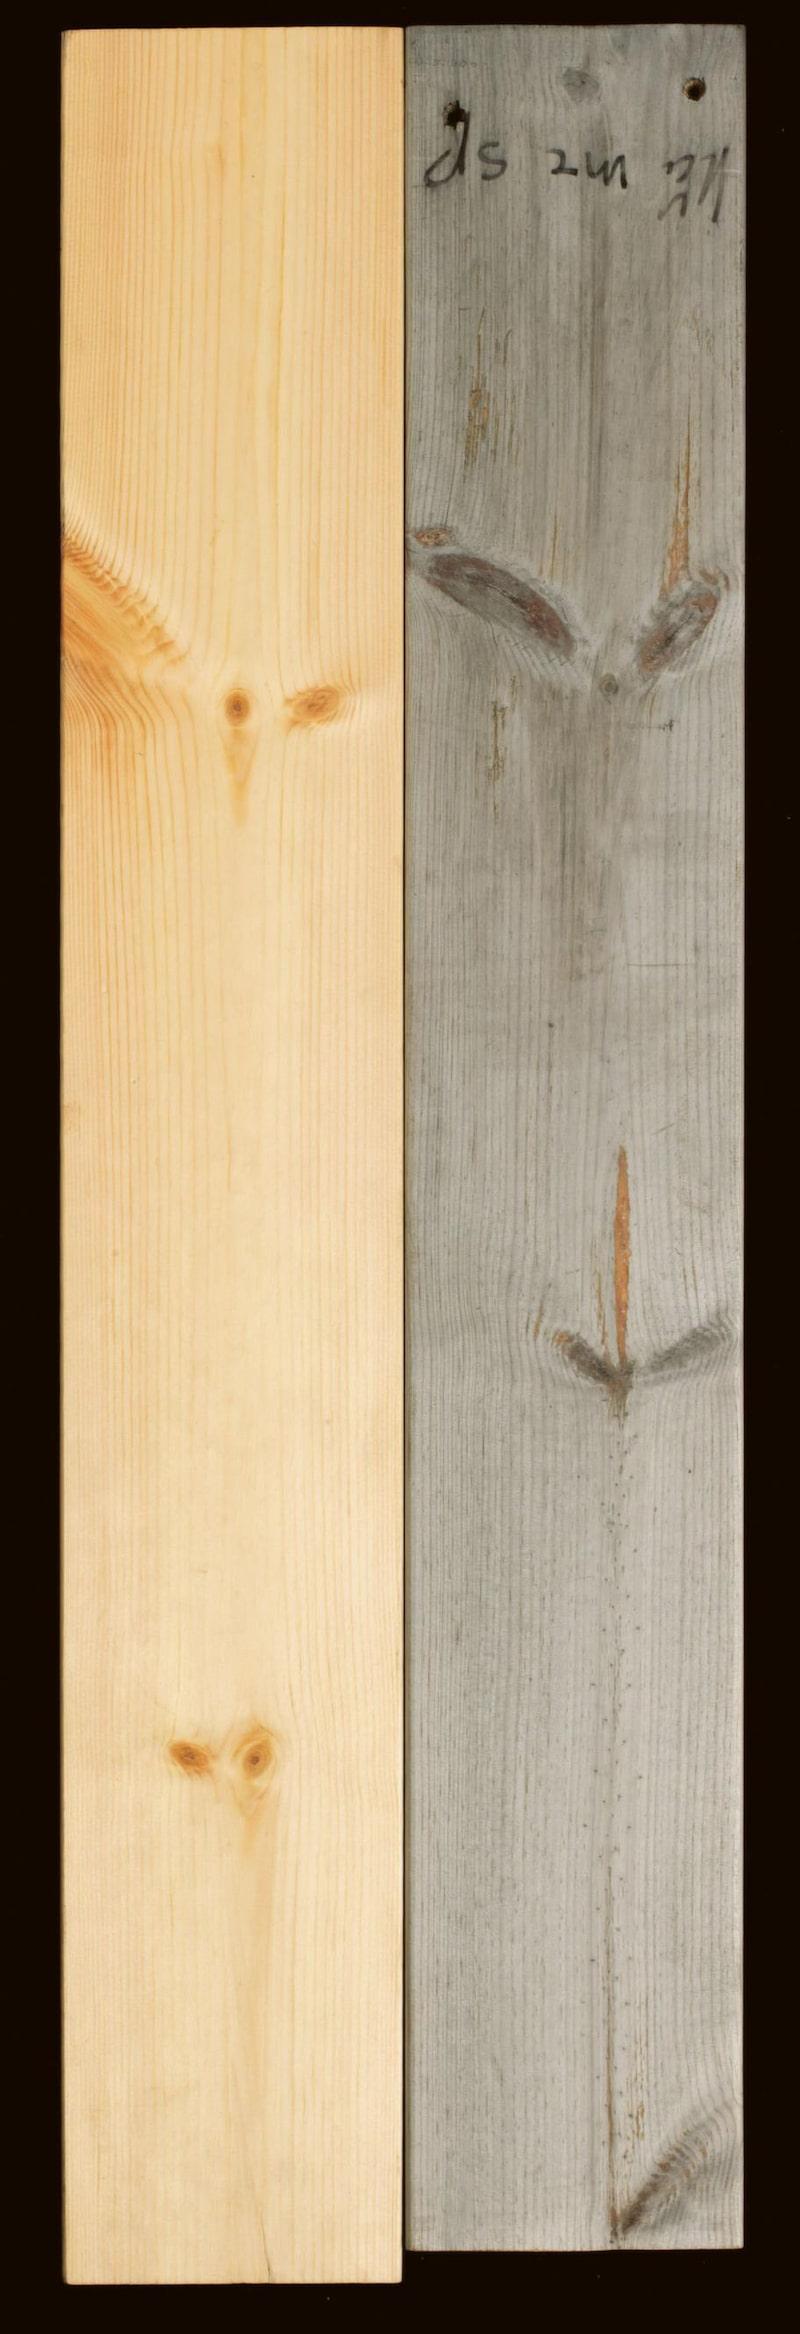 LÄRKTRÄ<br>Kallas ofta sibiriskt lärkträ och är underhållsfritt. Får en vacker grå färg med åldern.